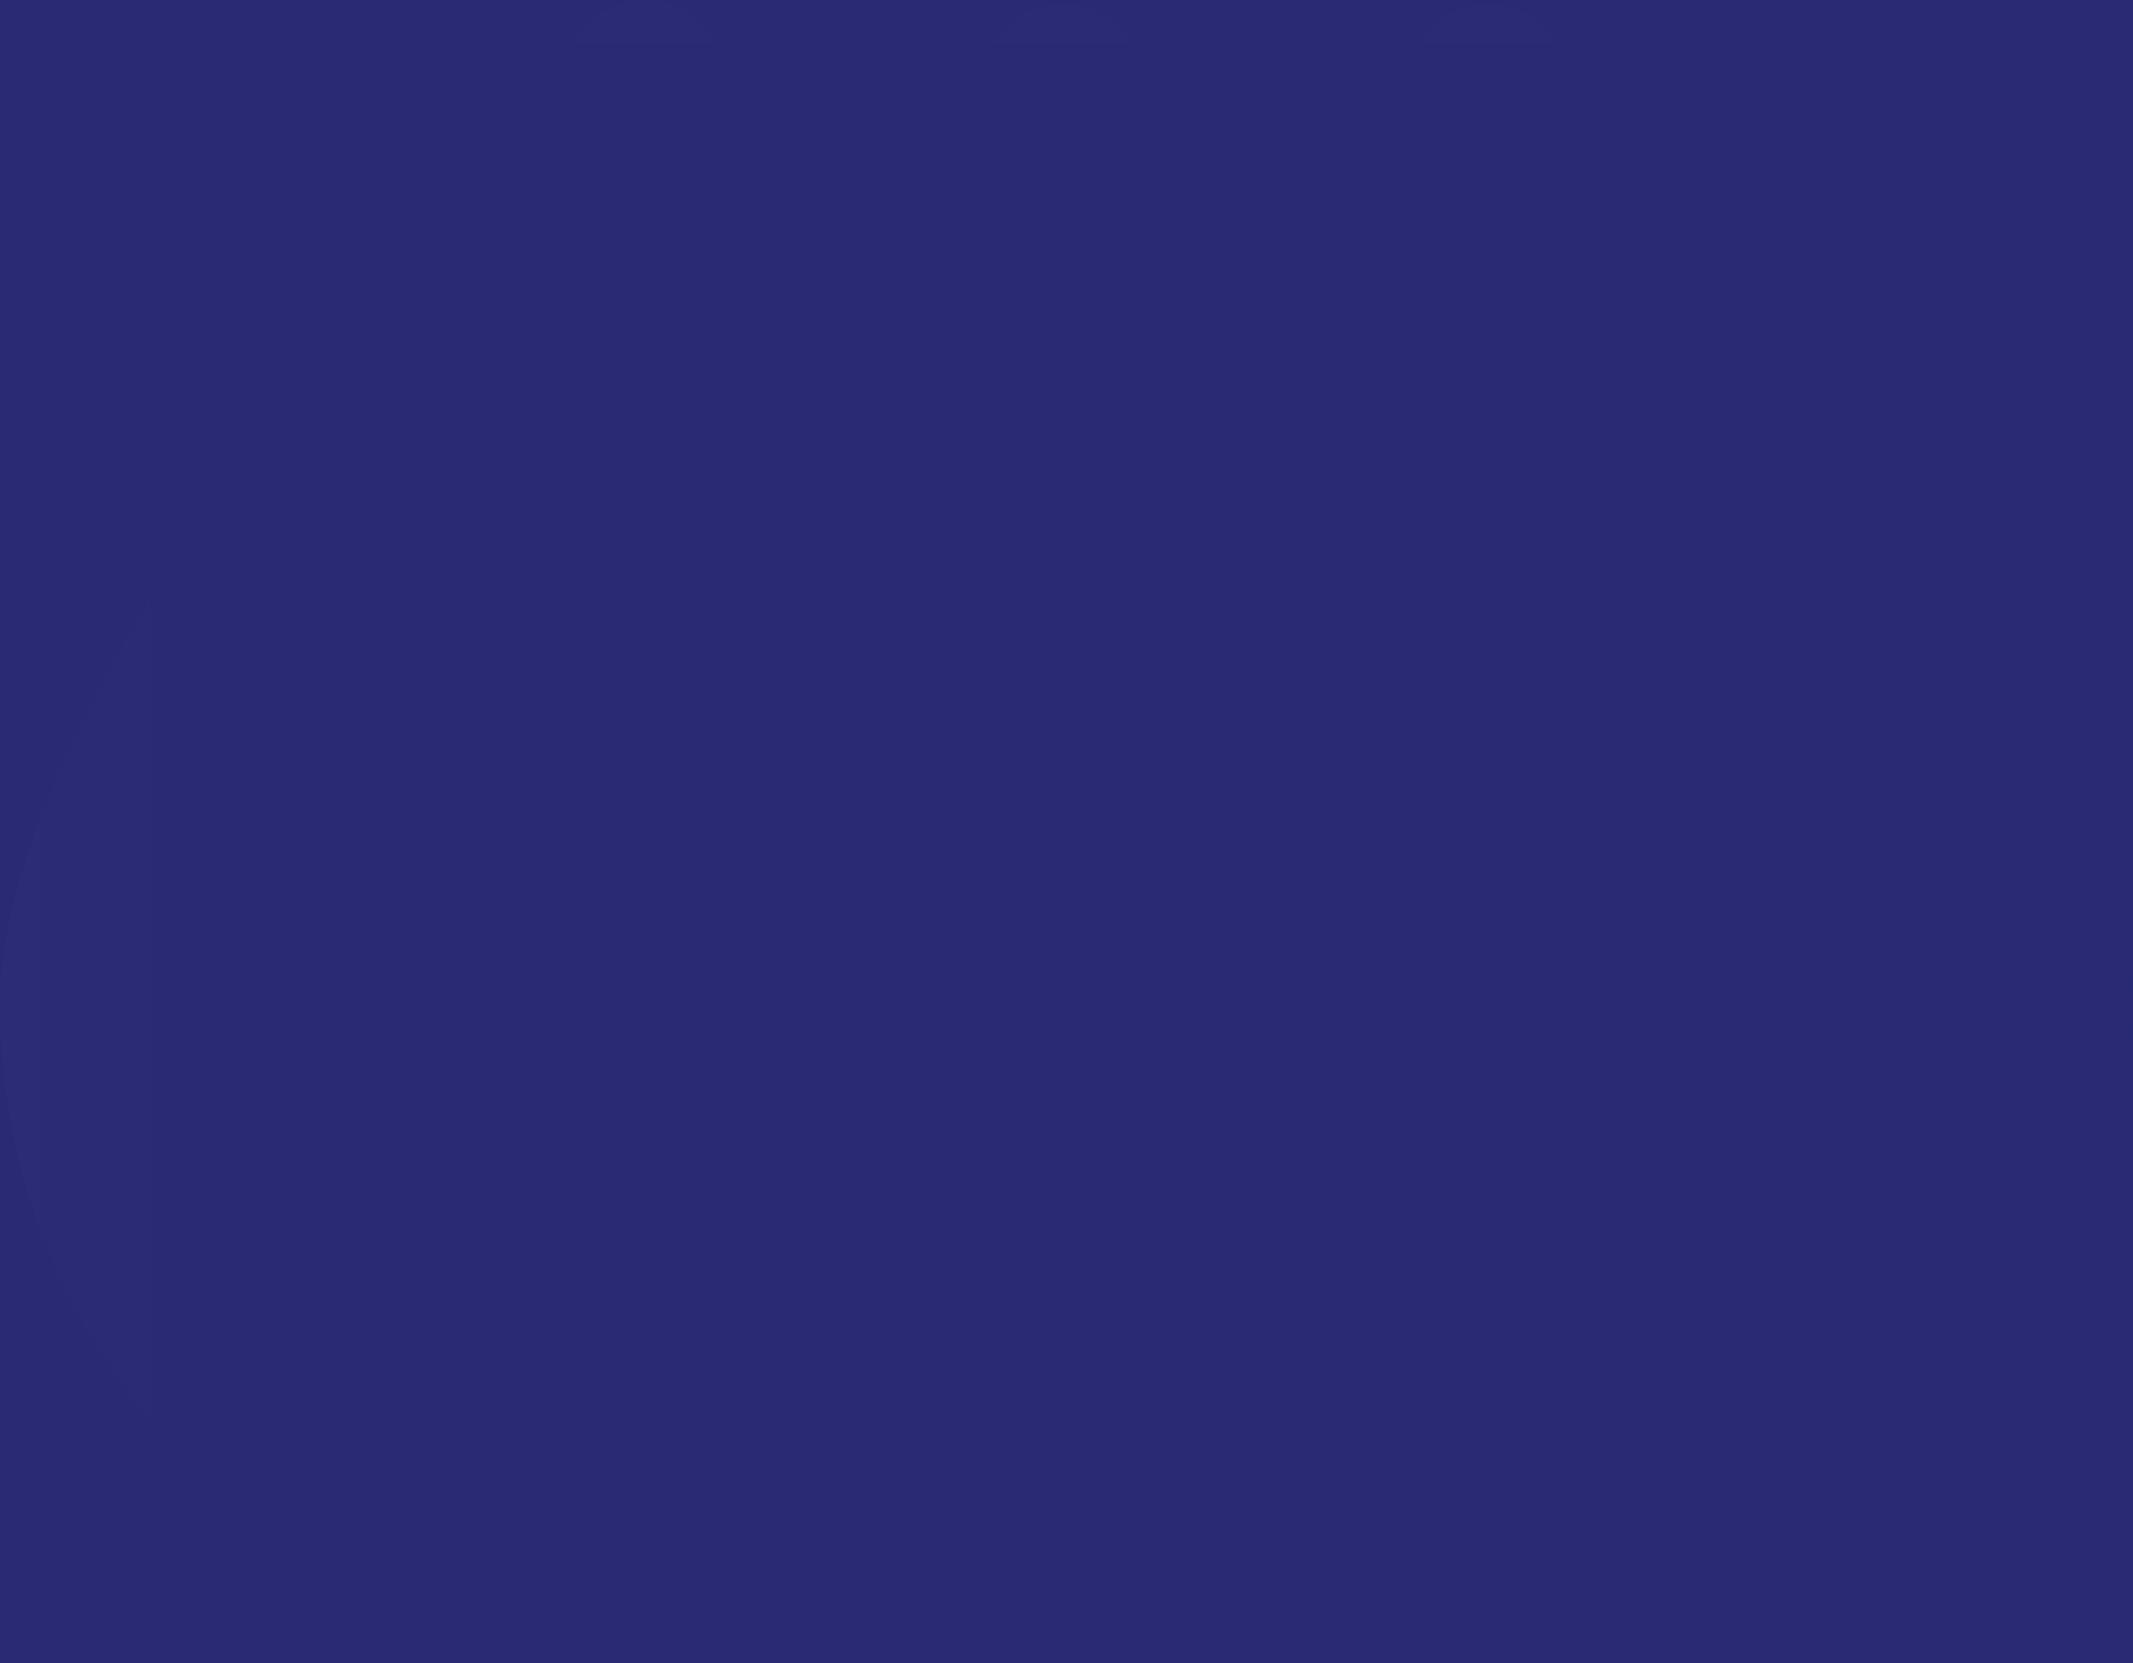 icone en forme de goute